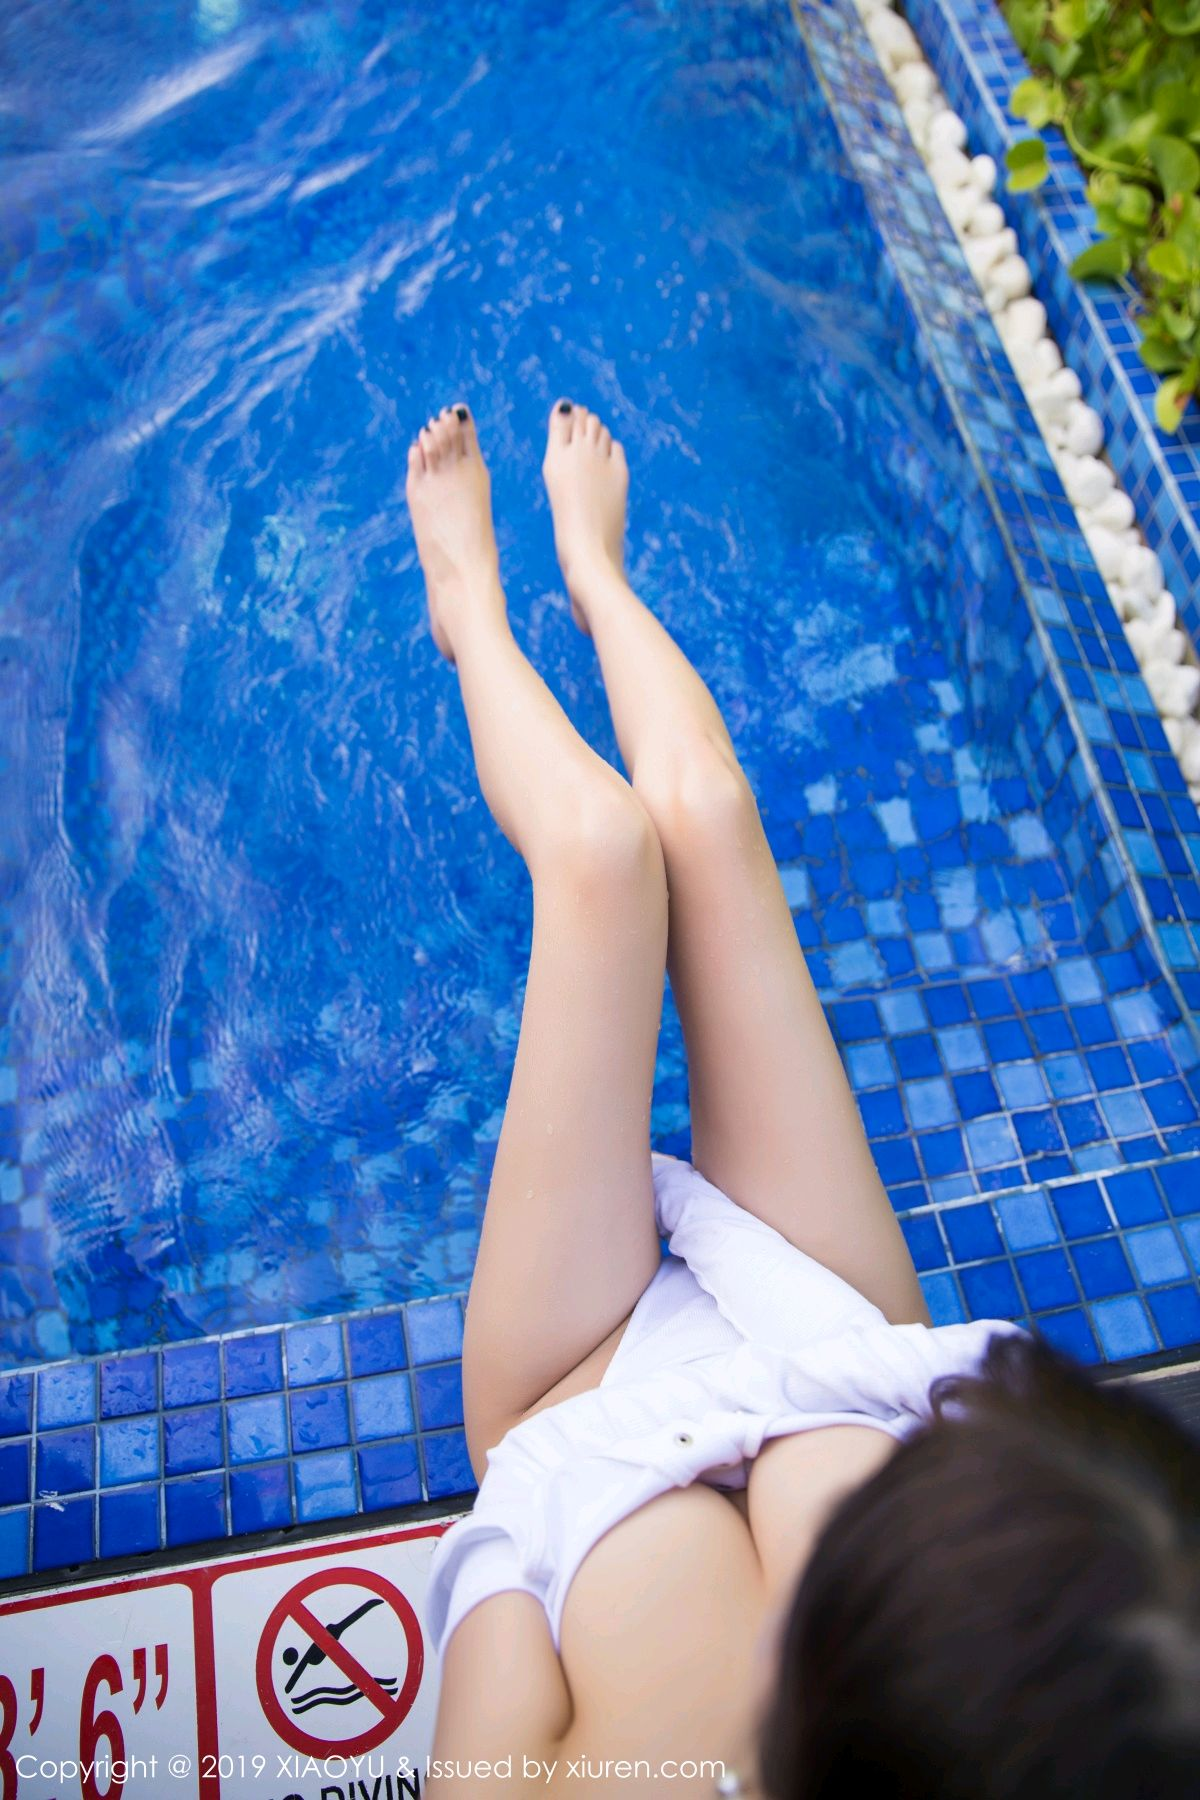 [XiaoYu] Vol.081 Yang Chen Chen 48P, Swim Pool, Wet, XiaoYu, Yang Chen Chen